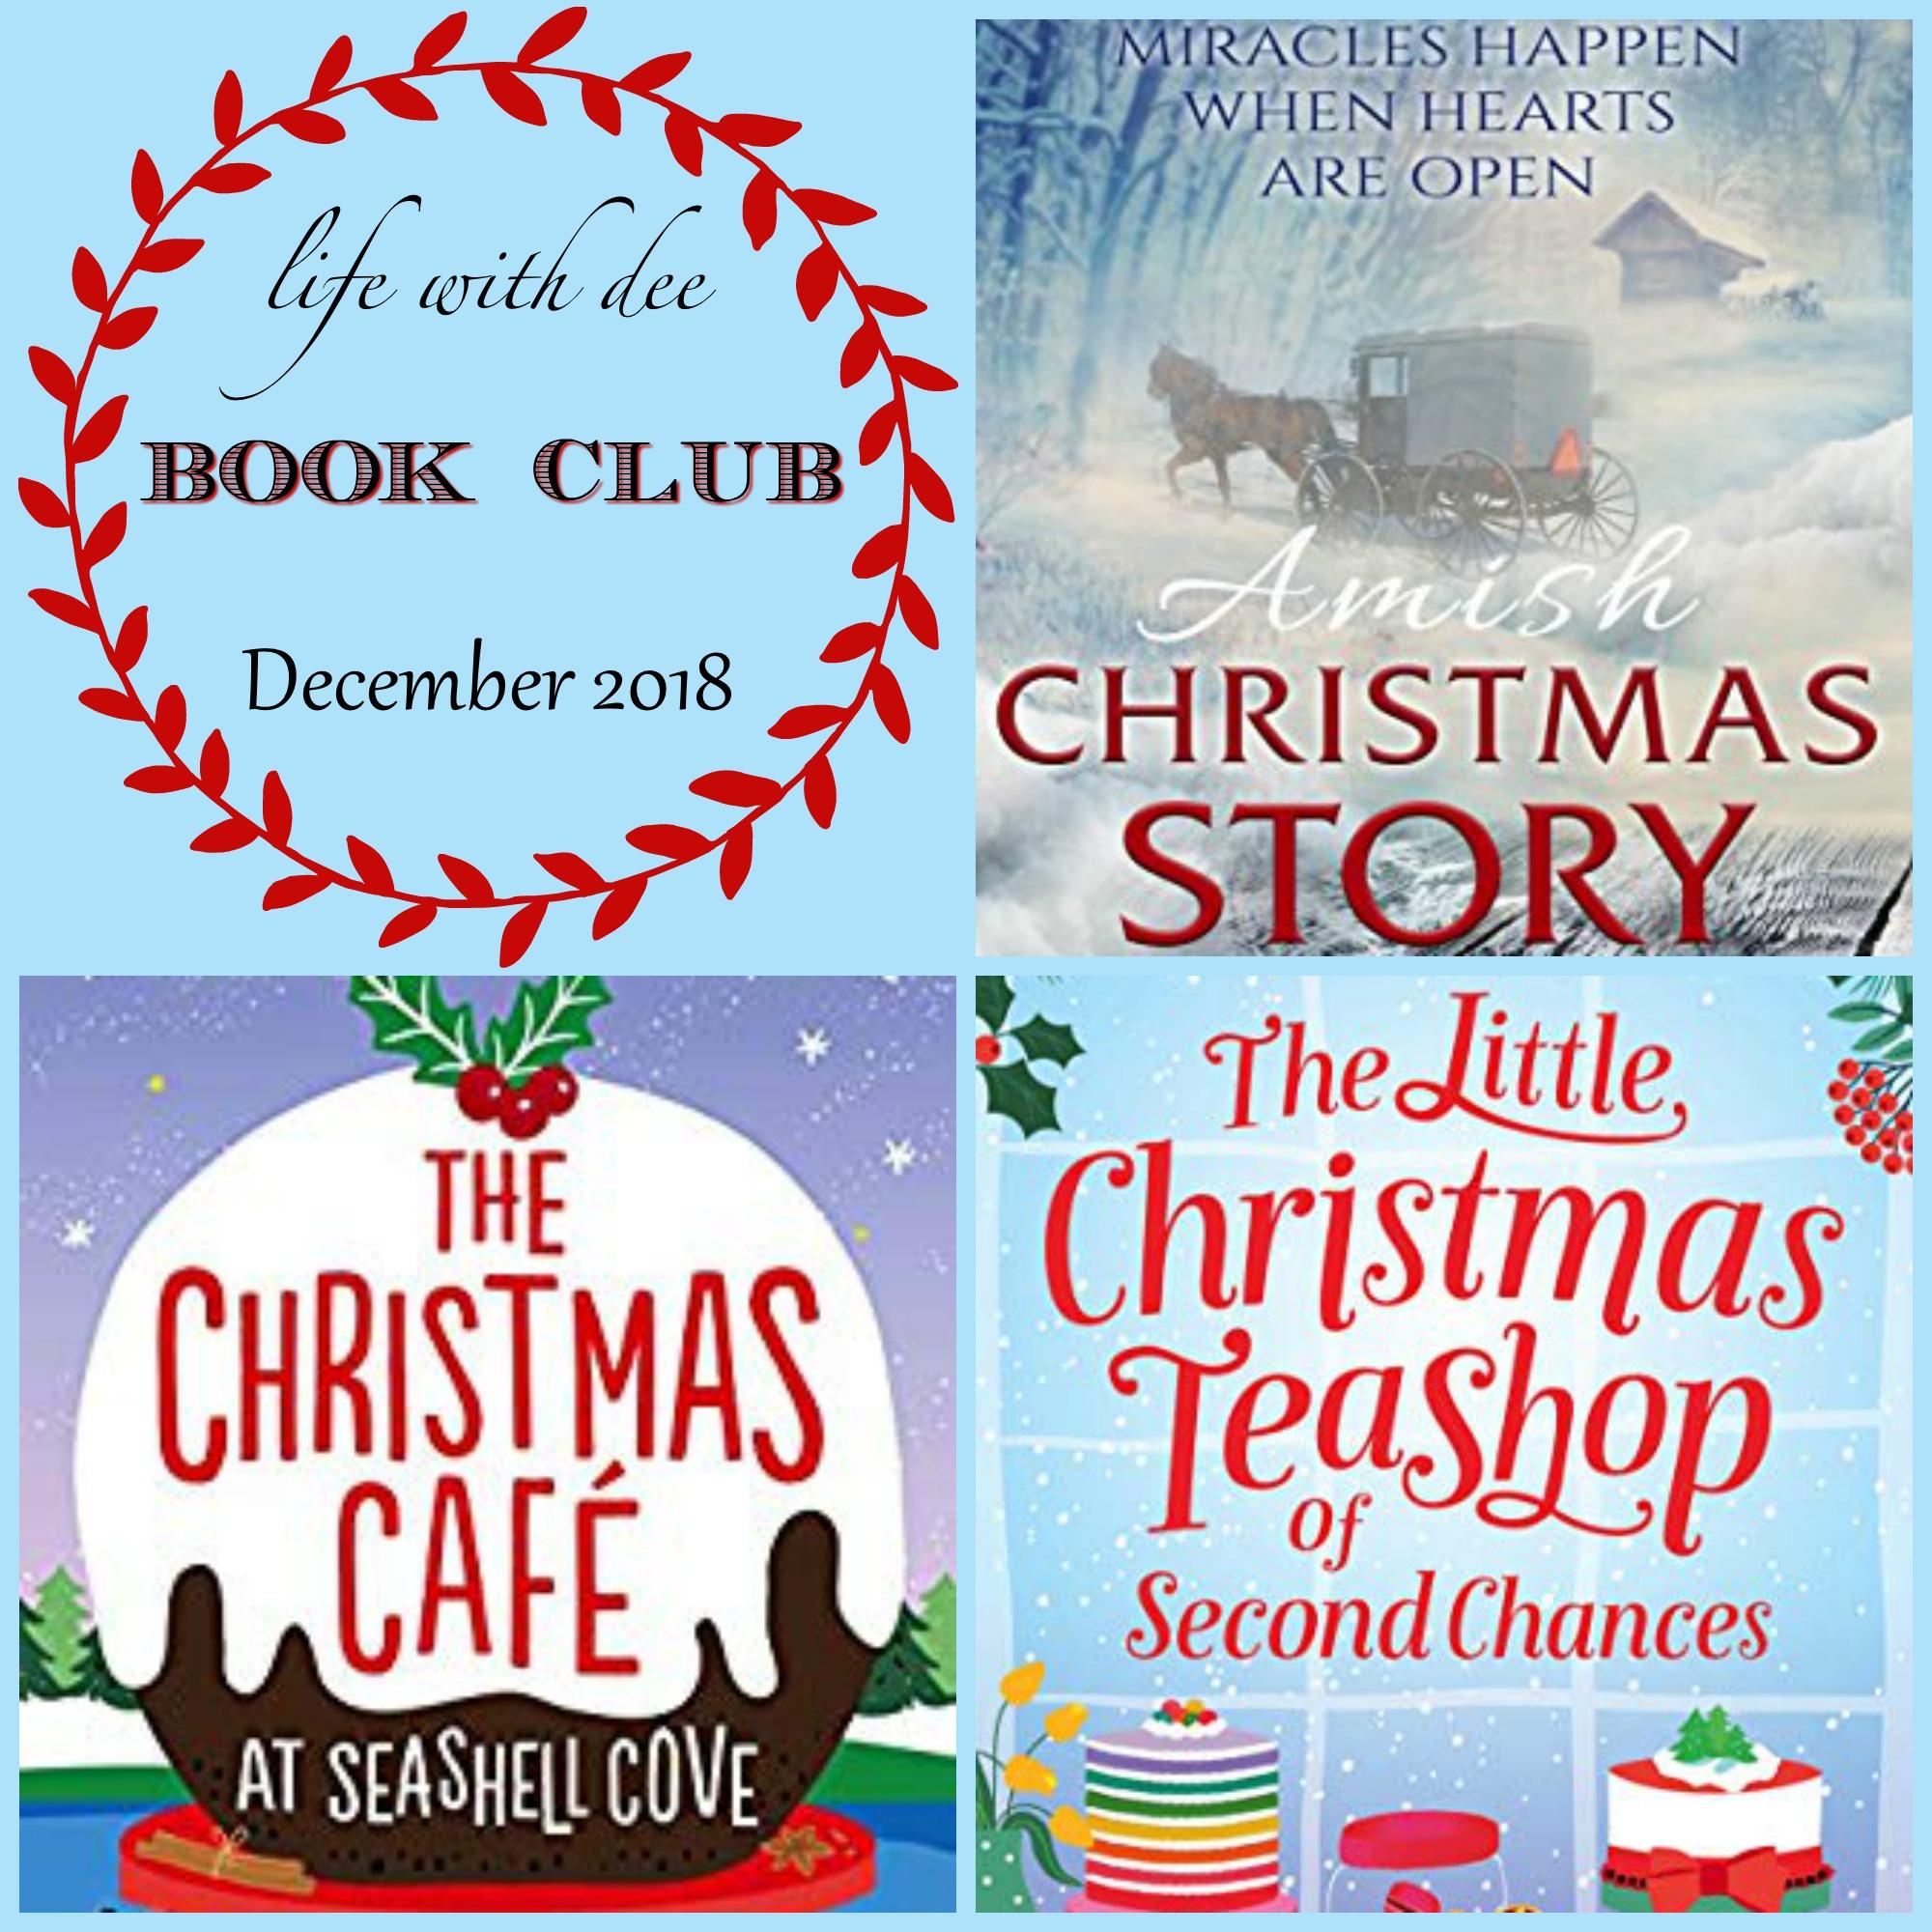 LWD Book Club December 2018